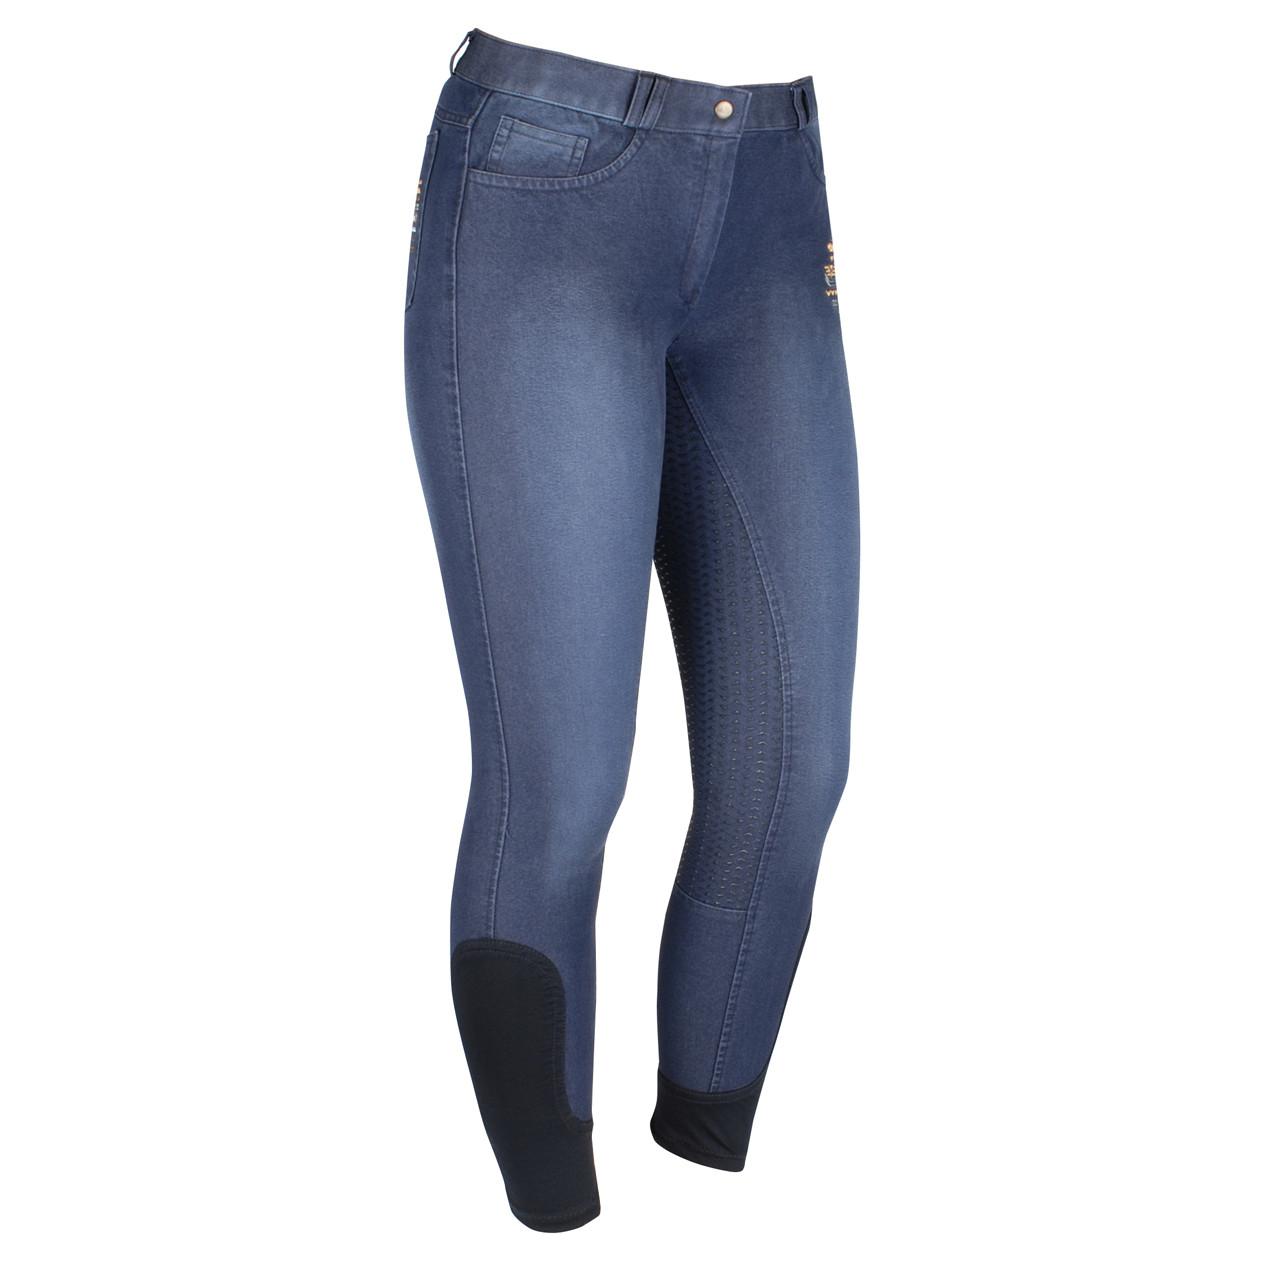 Mondoni Eivissa rijbroek jeans maat:36